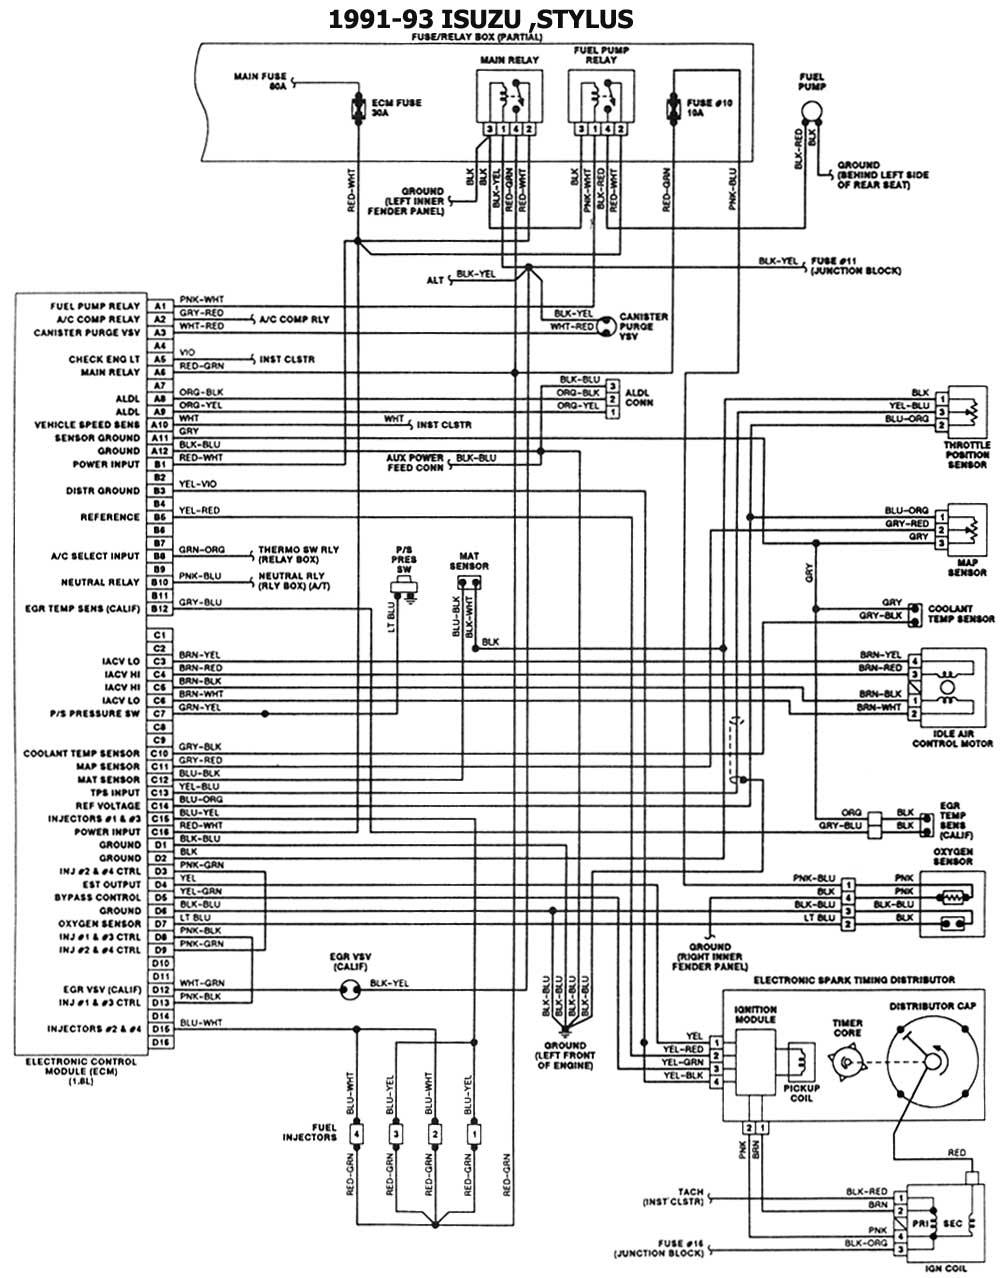 Isuzu Rodeo Sport Diagrama Del Motor Auto Electrical Wiring Diagram 2008 Ford Focus De La Banda Problemas Con Mi Distribuidor